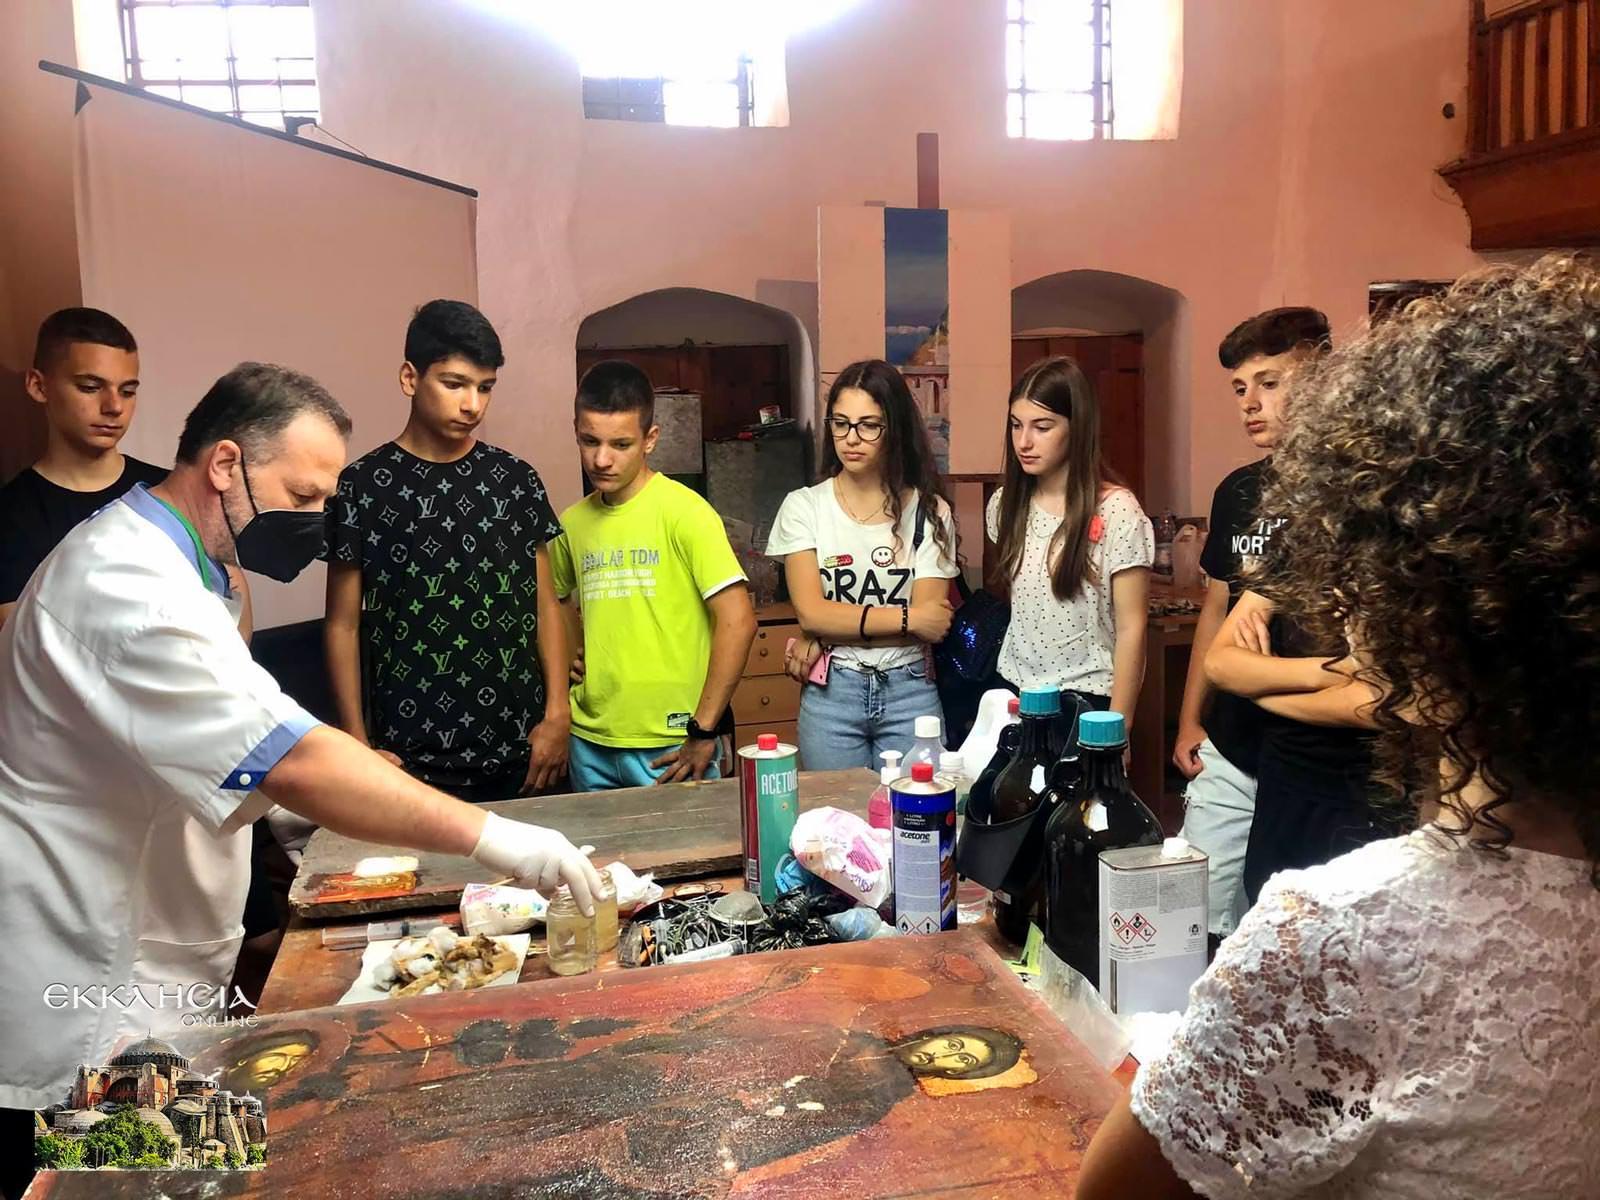 Συντήρηση εικόνων και αγιογραφιών στην Αλβανία